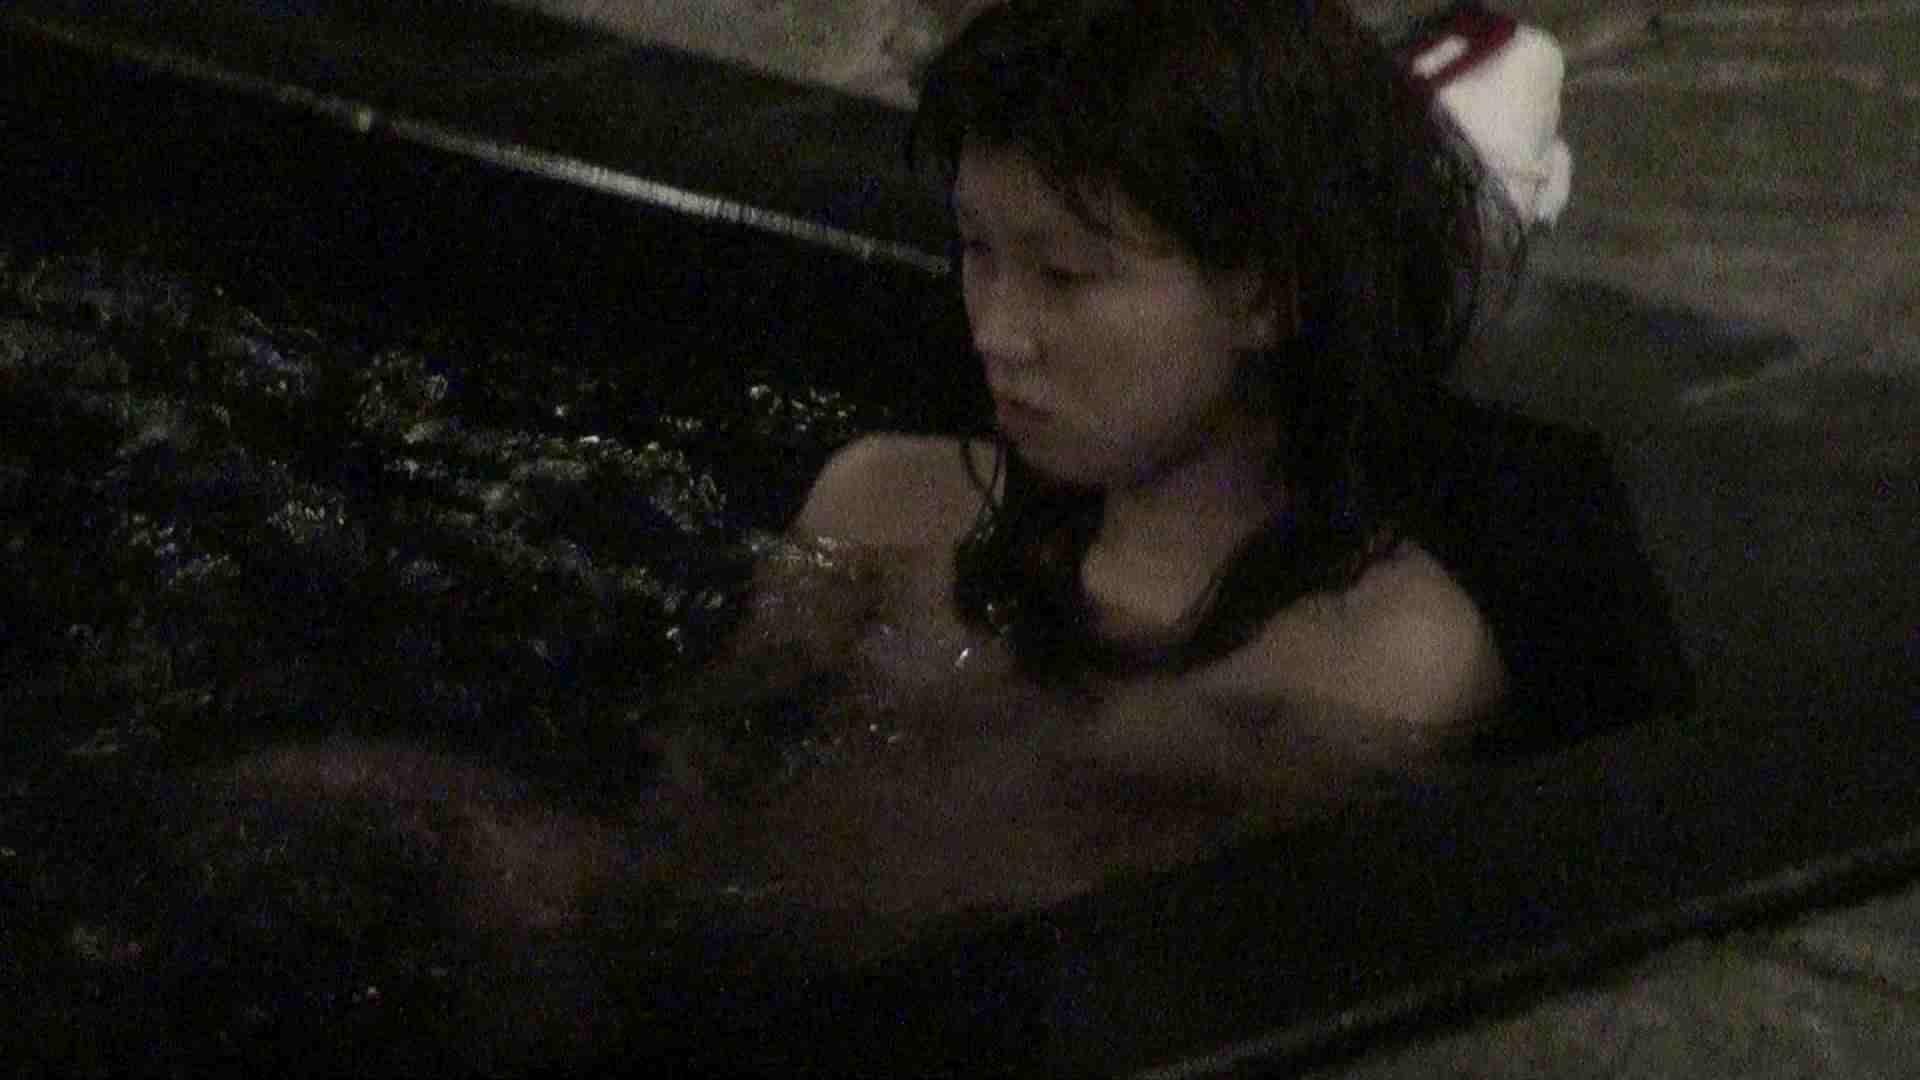 Aquaな露天風呂Vol.371 いやらしいOL オマンコ動画キャプチャ 92連発 87